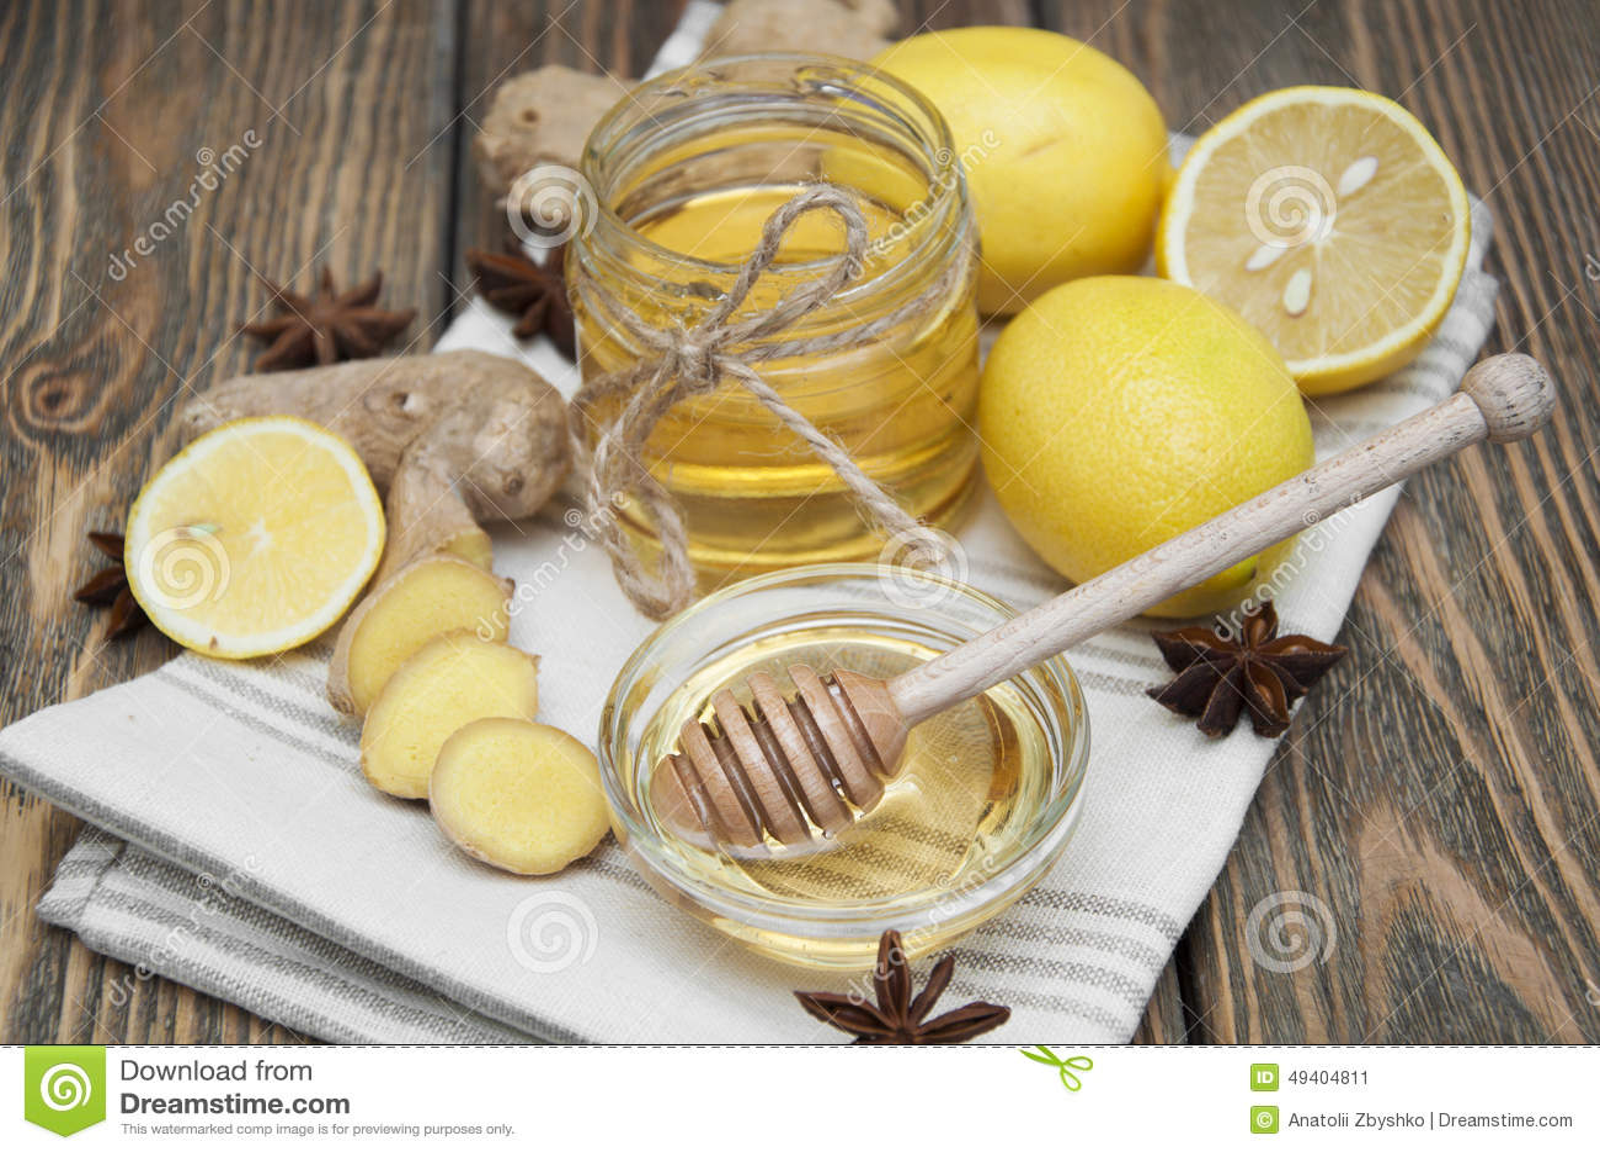 Download Honig stockbild. Bild von frühstück, zitrusfrucht, medizin - 49404811